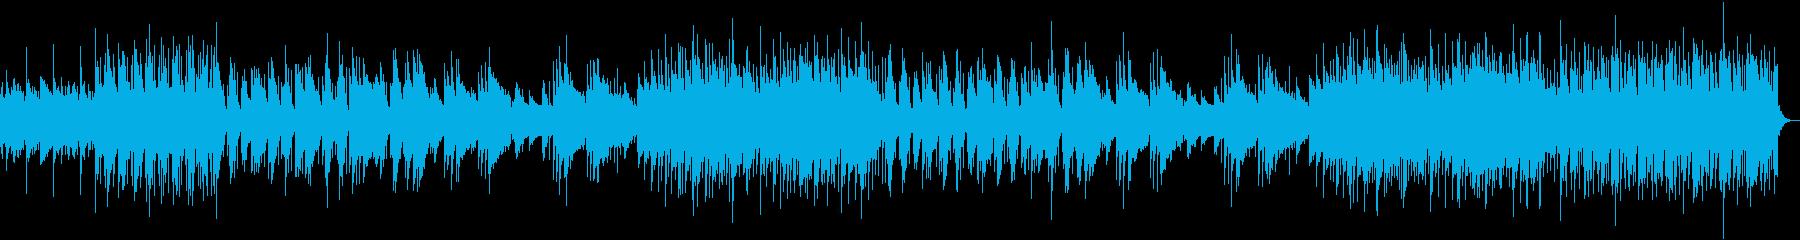 エレクトロポップの再生済みの波形